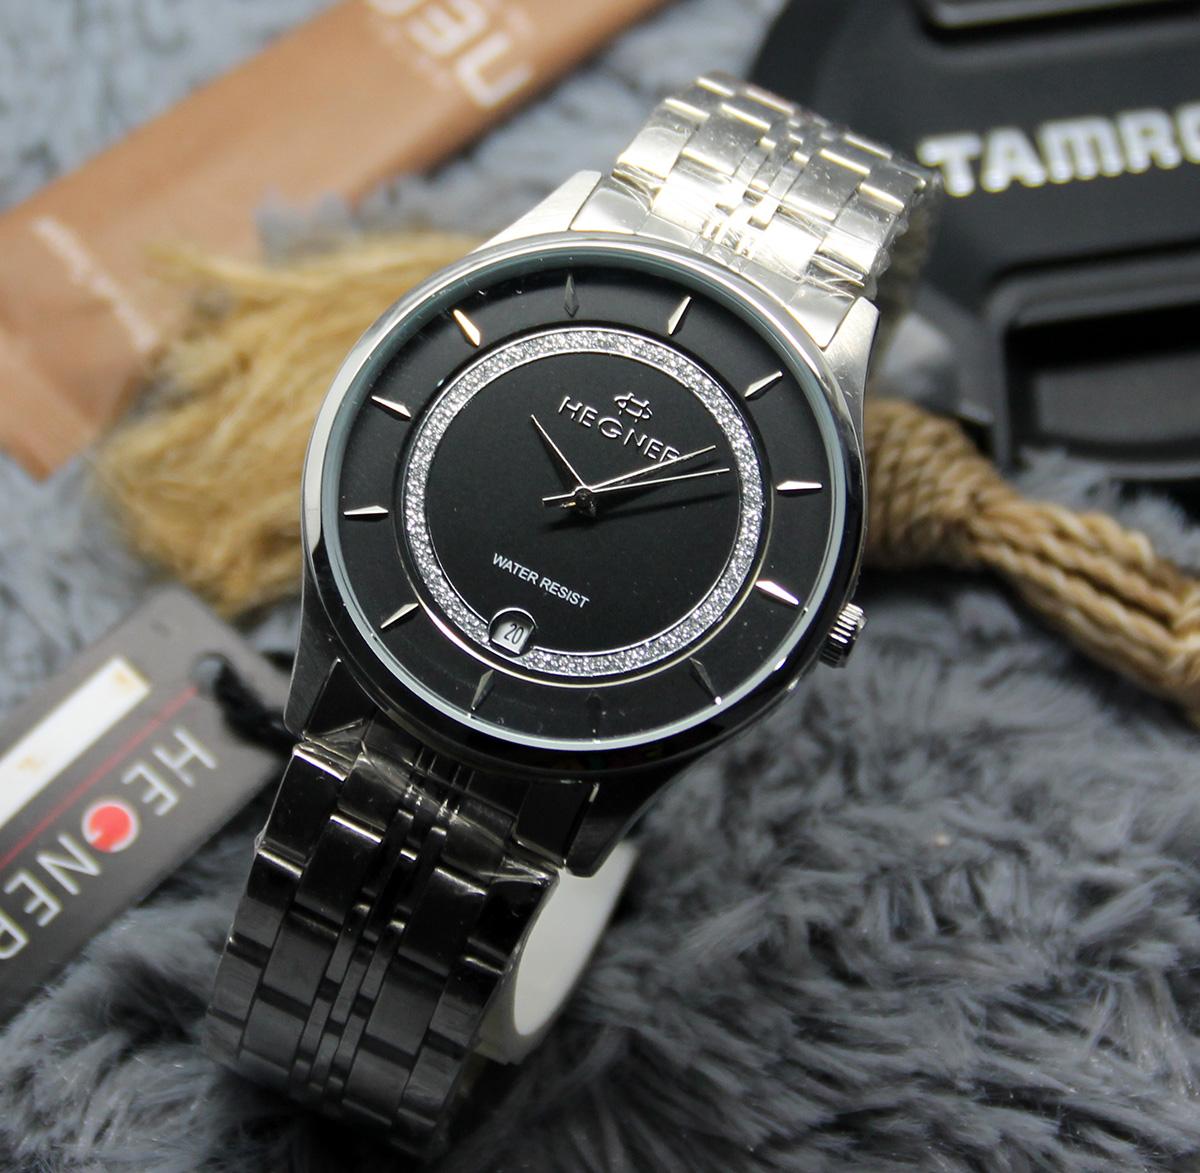 Buy Original 100hegner Watch Jam Tangan Hegnerwanita Pria Qq Vq94 Analog Elevenia Priagaransi Showroom Resmi Deals